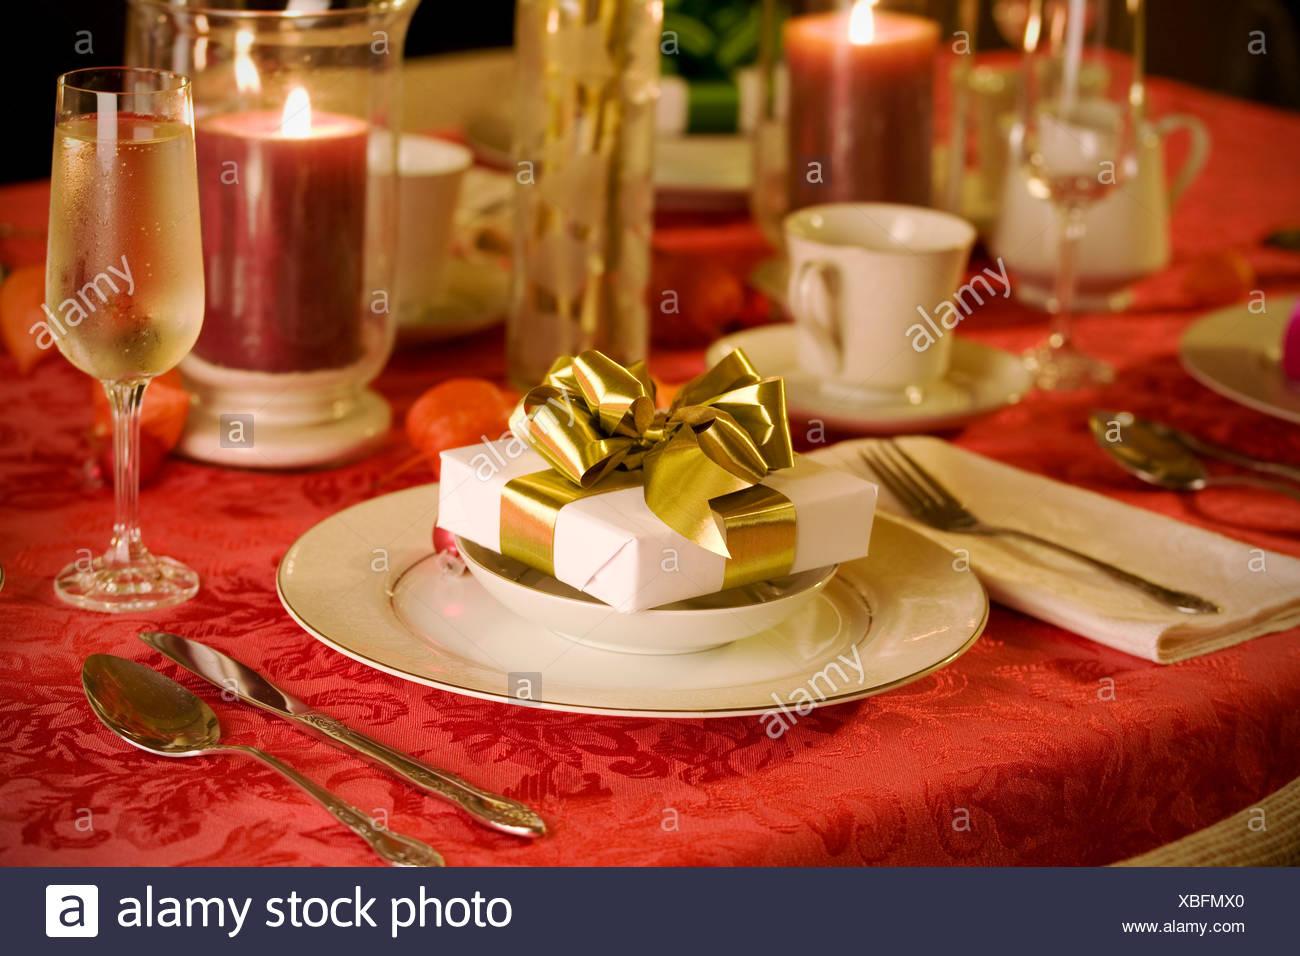 Elegante Weihnachten Tischdekoration In Rot Stockfoto Bild